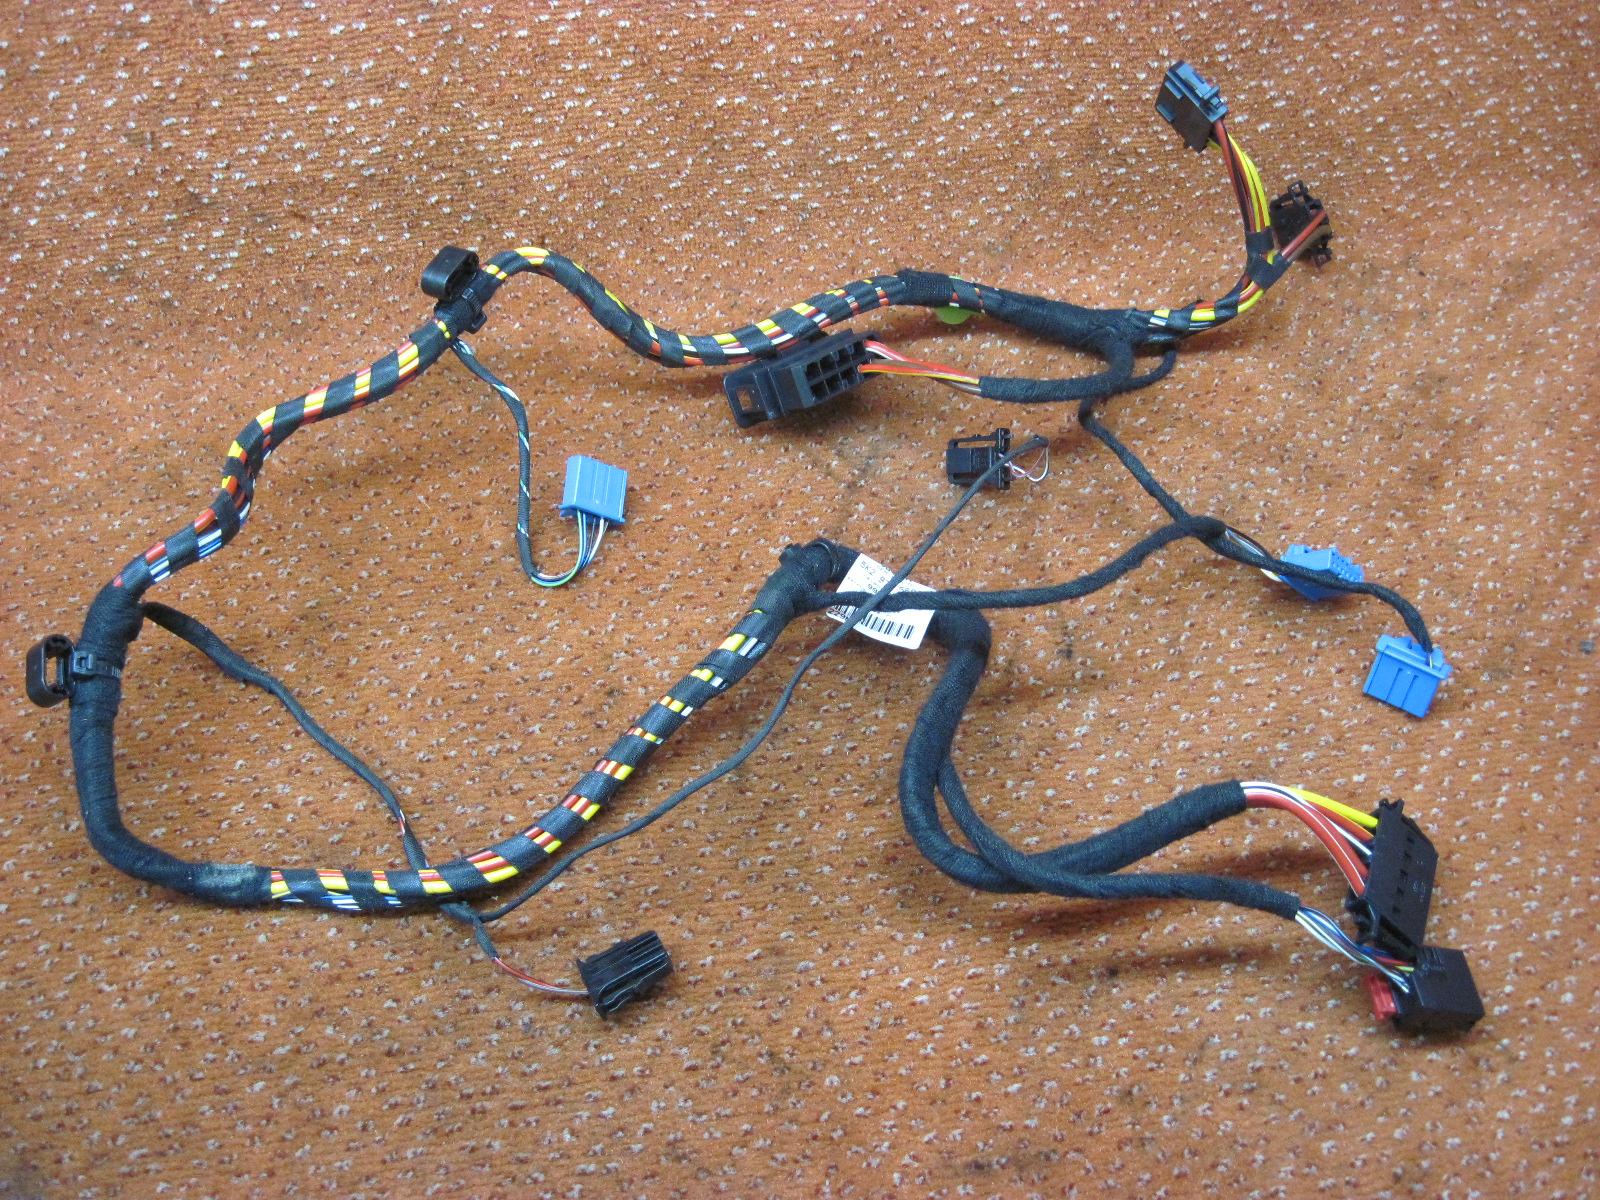 5k2971566 Wiring Harness Air Conditionervw Golf 6 Skoda Yeti Vw Wire Original